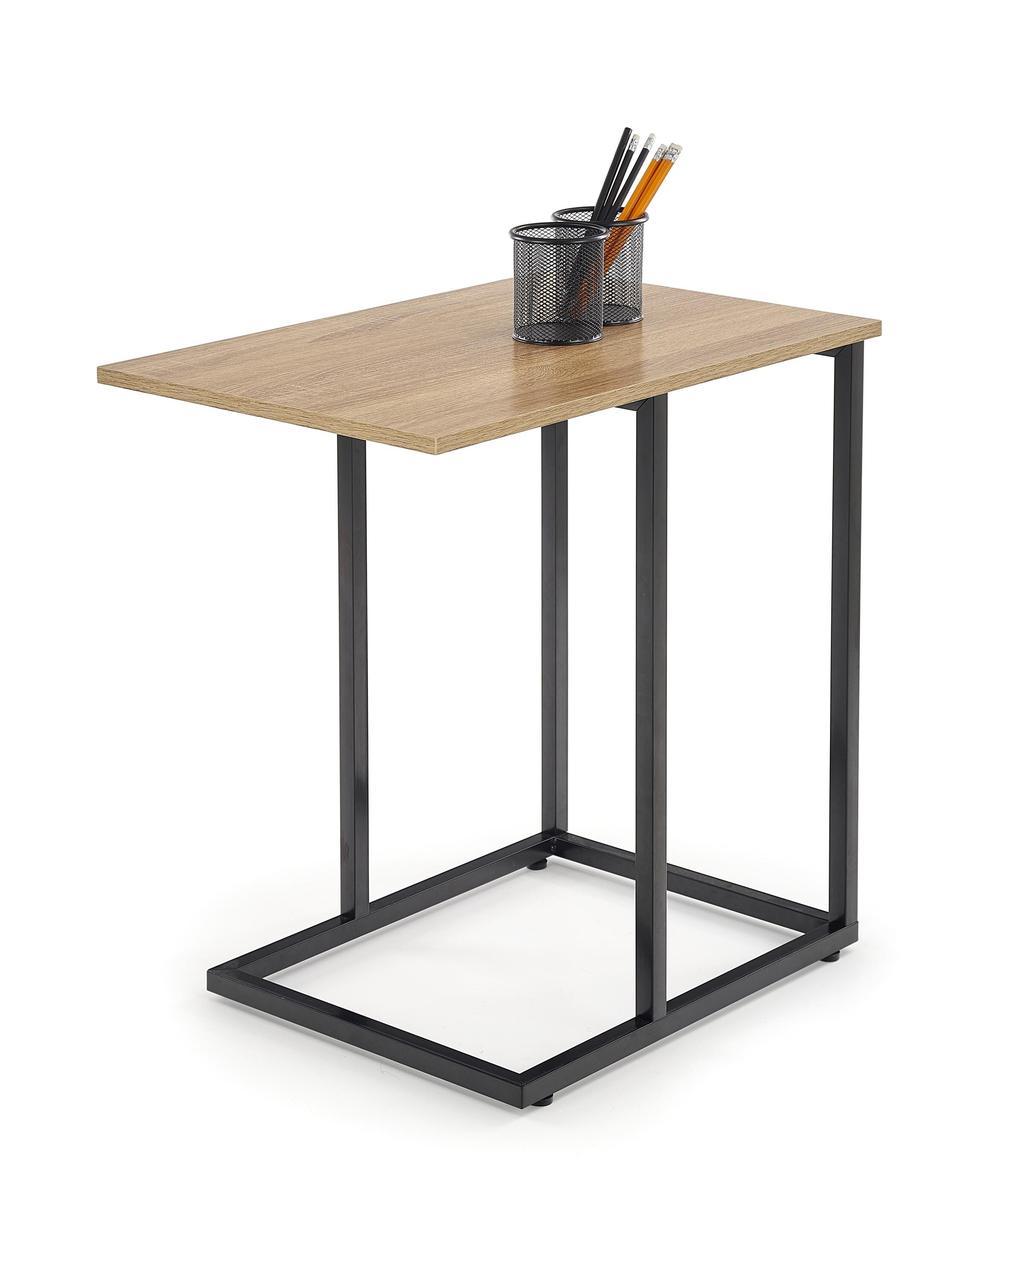 Журнальный столик NARVIK LAW-1 Halmar 60x40